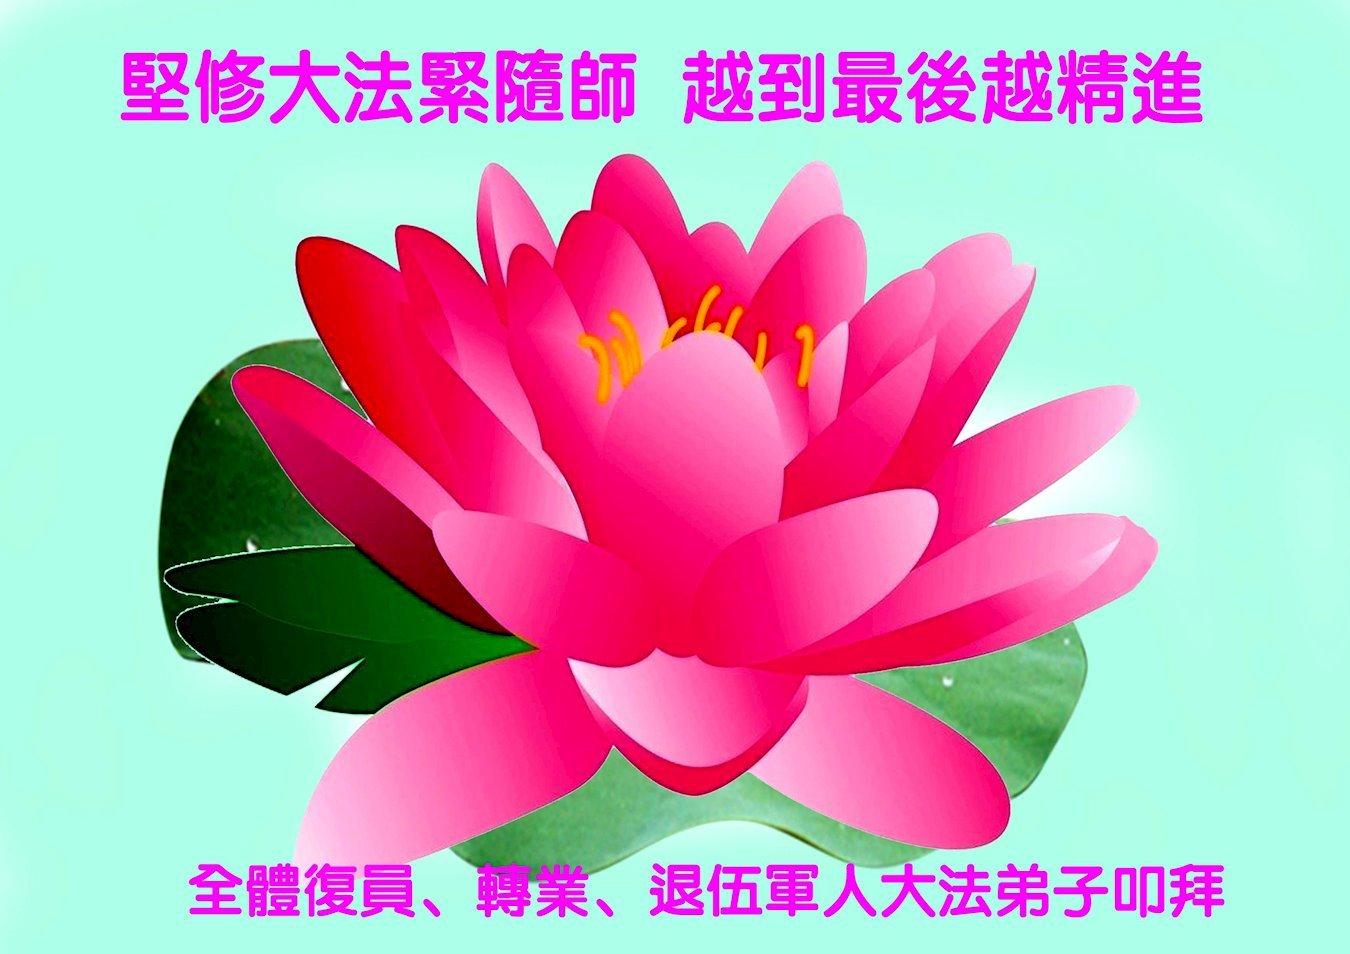 復員、轉業、退伍軍人大法弟子恭祝李洪志大師新年快樂!(明慧網)